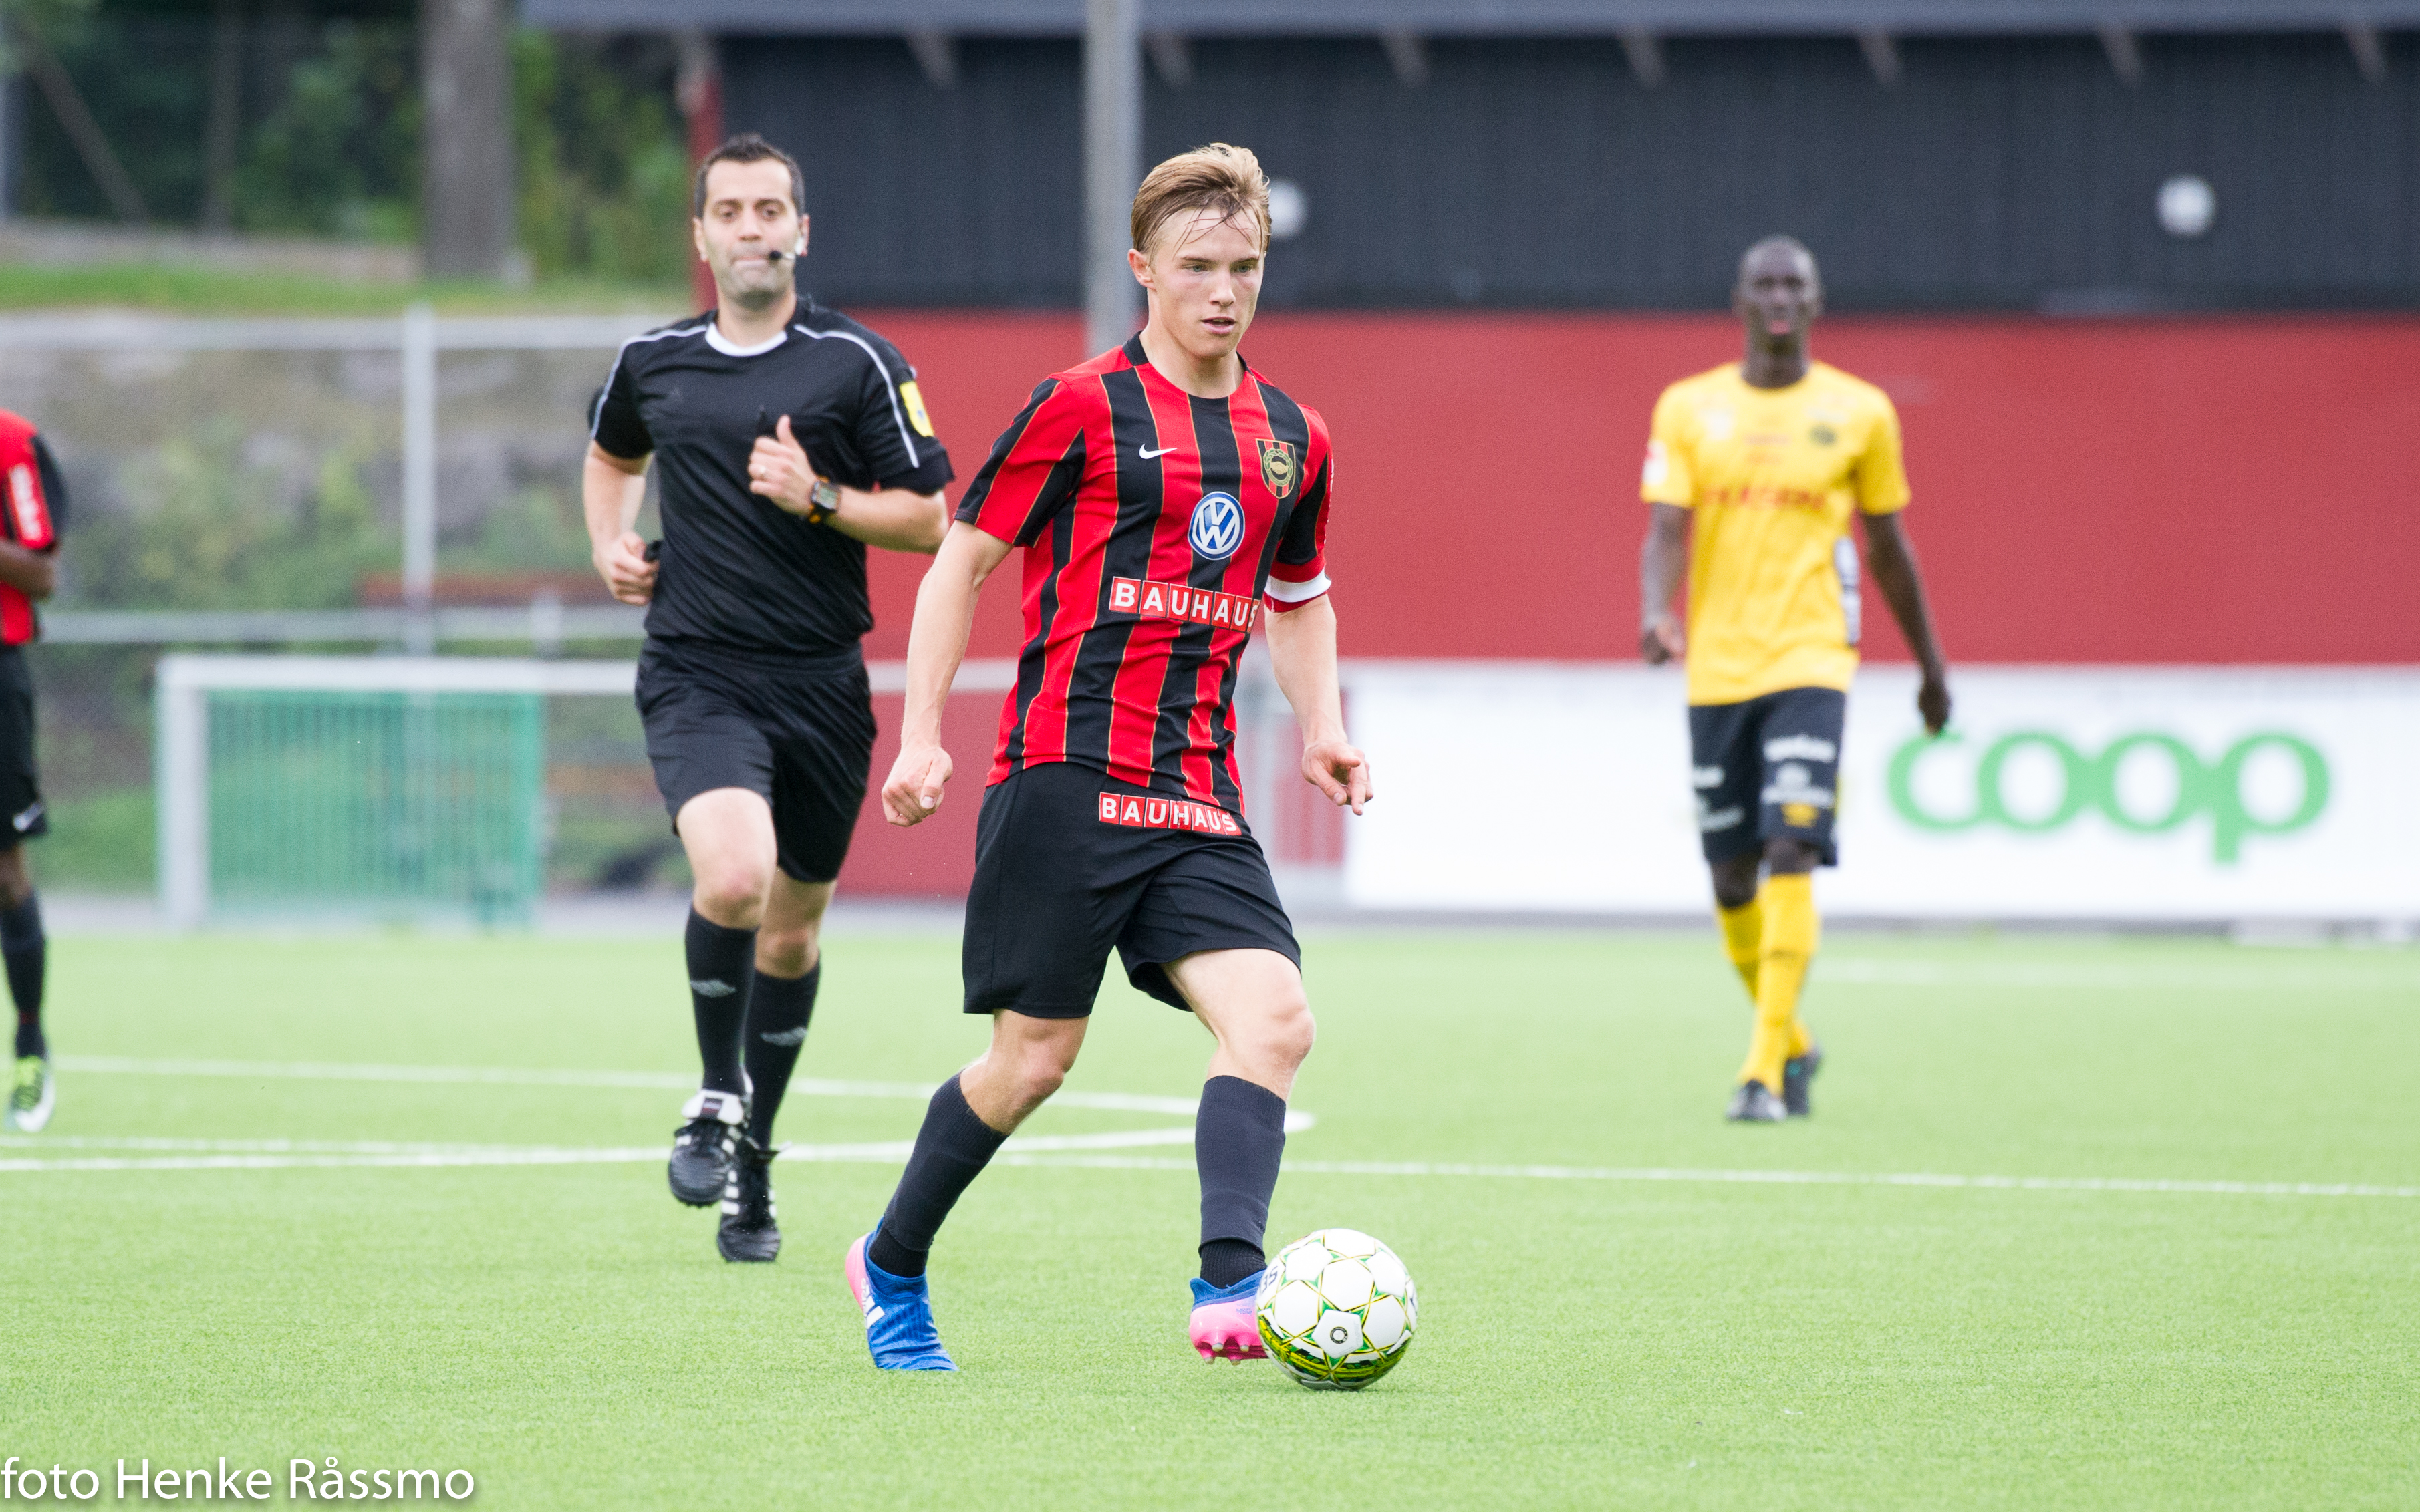 U21-slutspelet inleddes med förlust efter svängig match